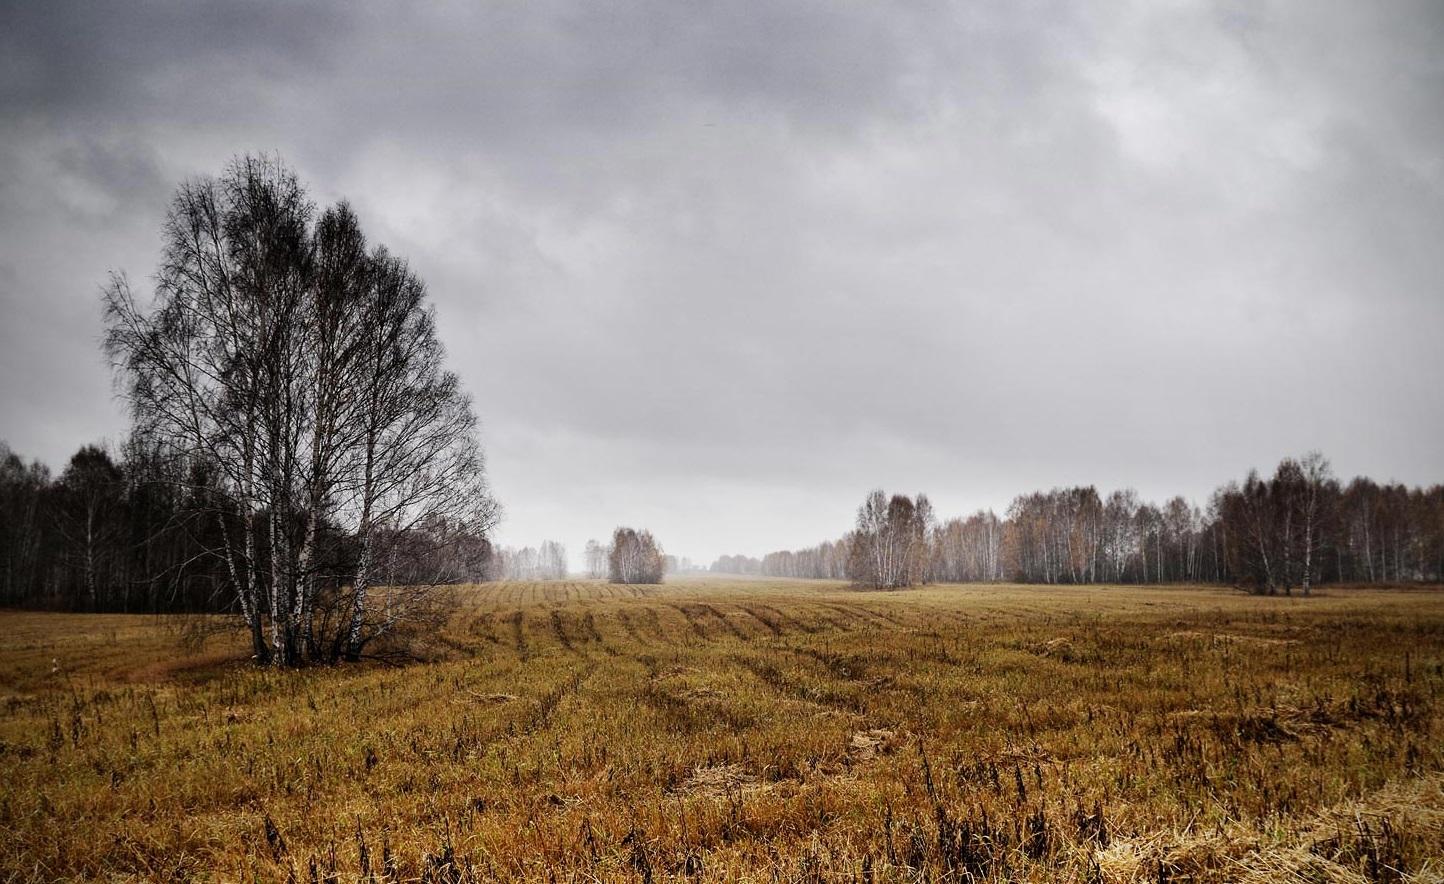 Деревья поле небо затянуто облаками